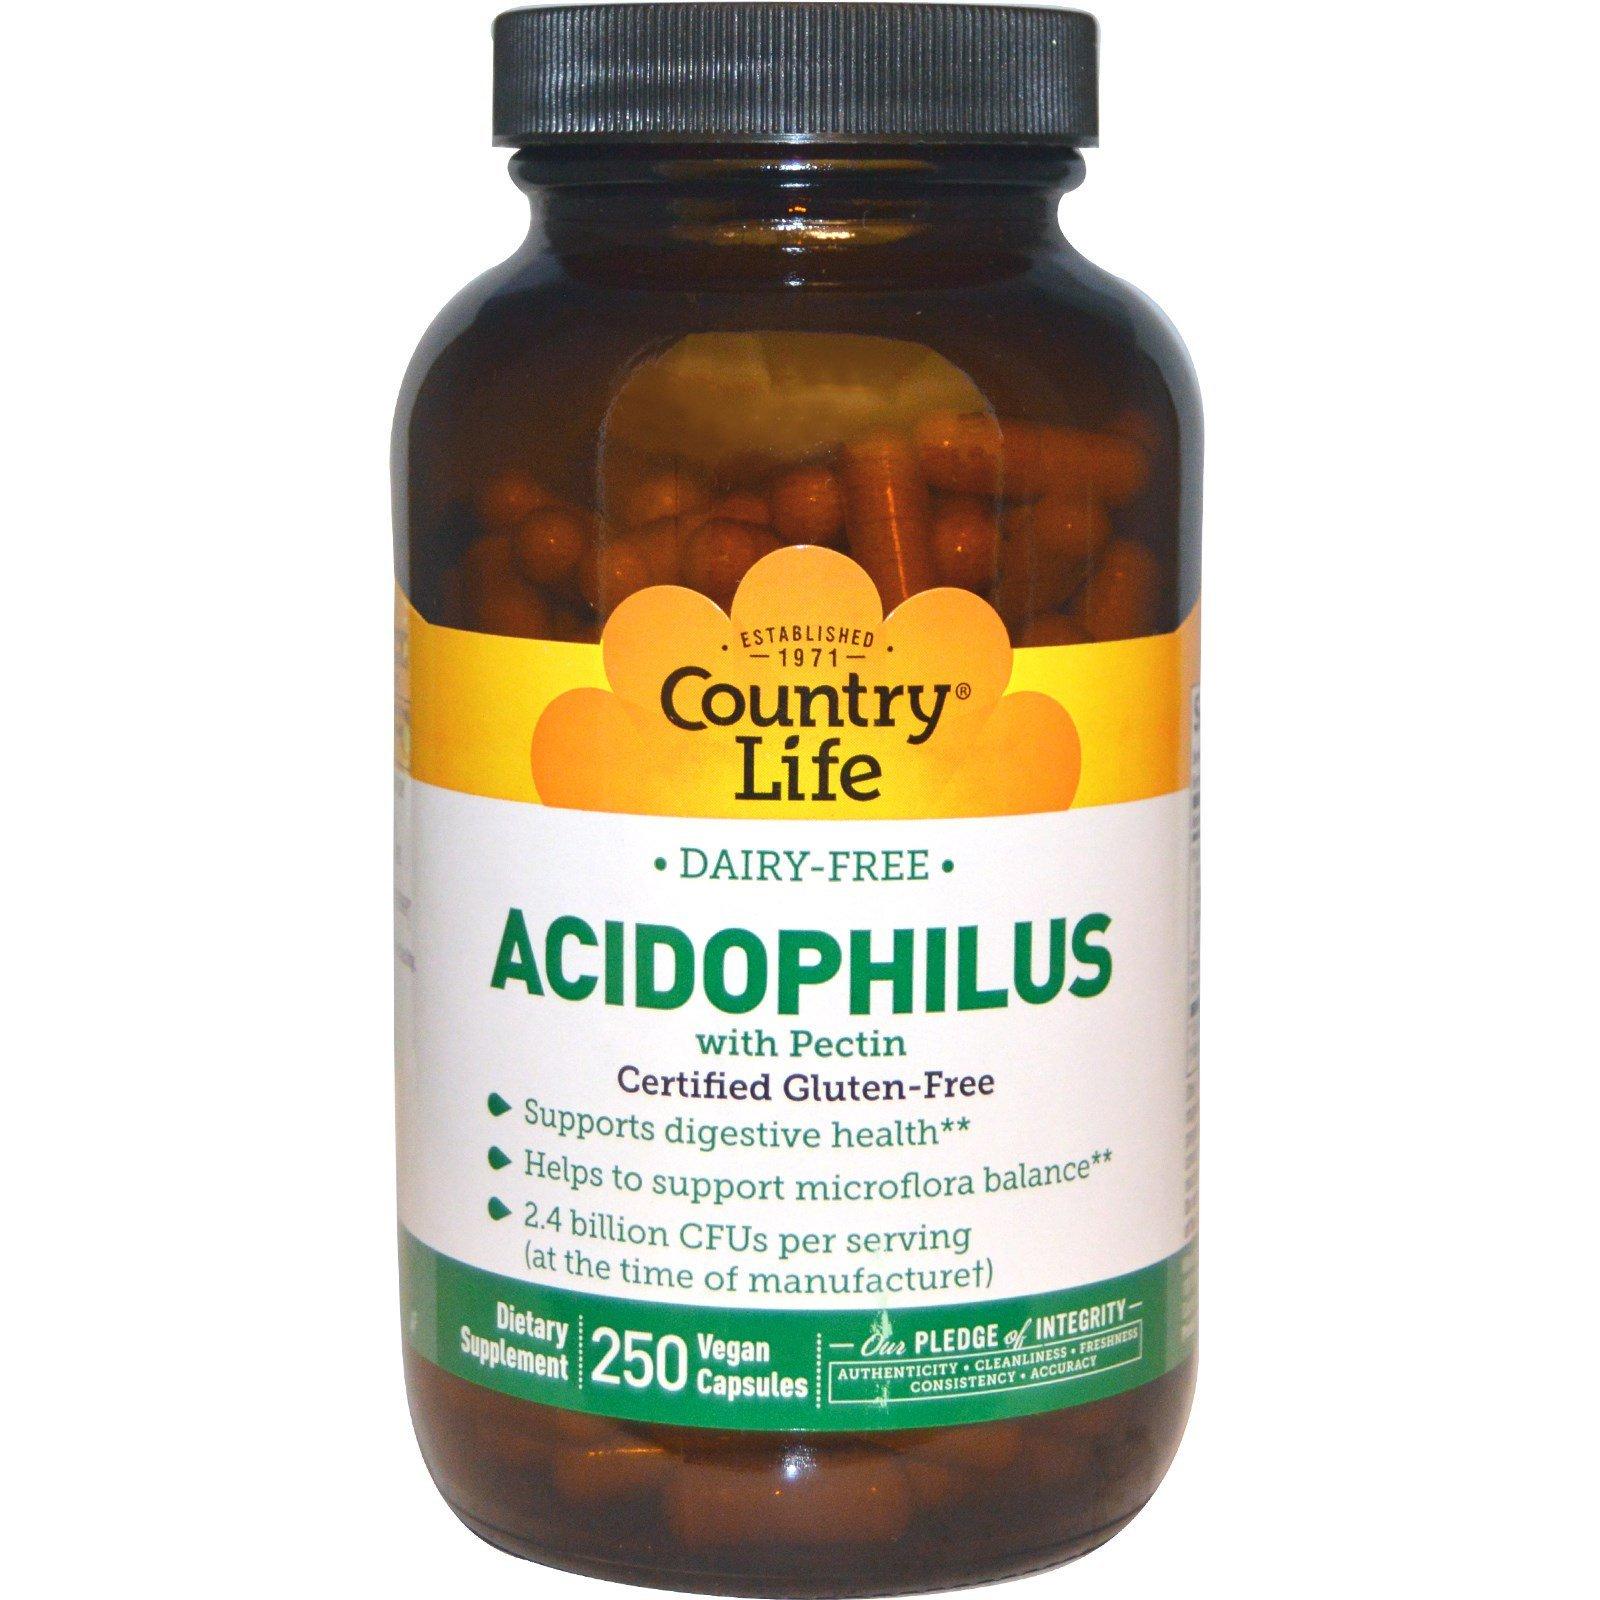 Country Life, Acidophilus with Pectin, 250 Veggie Caps